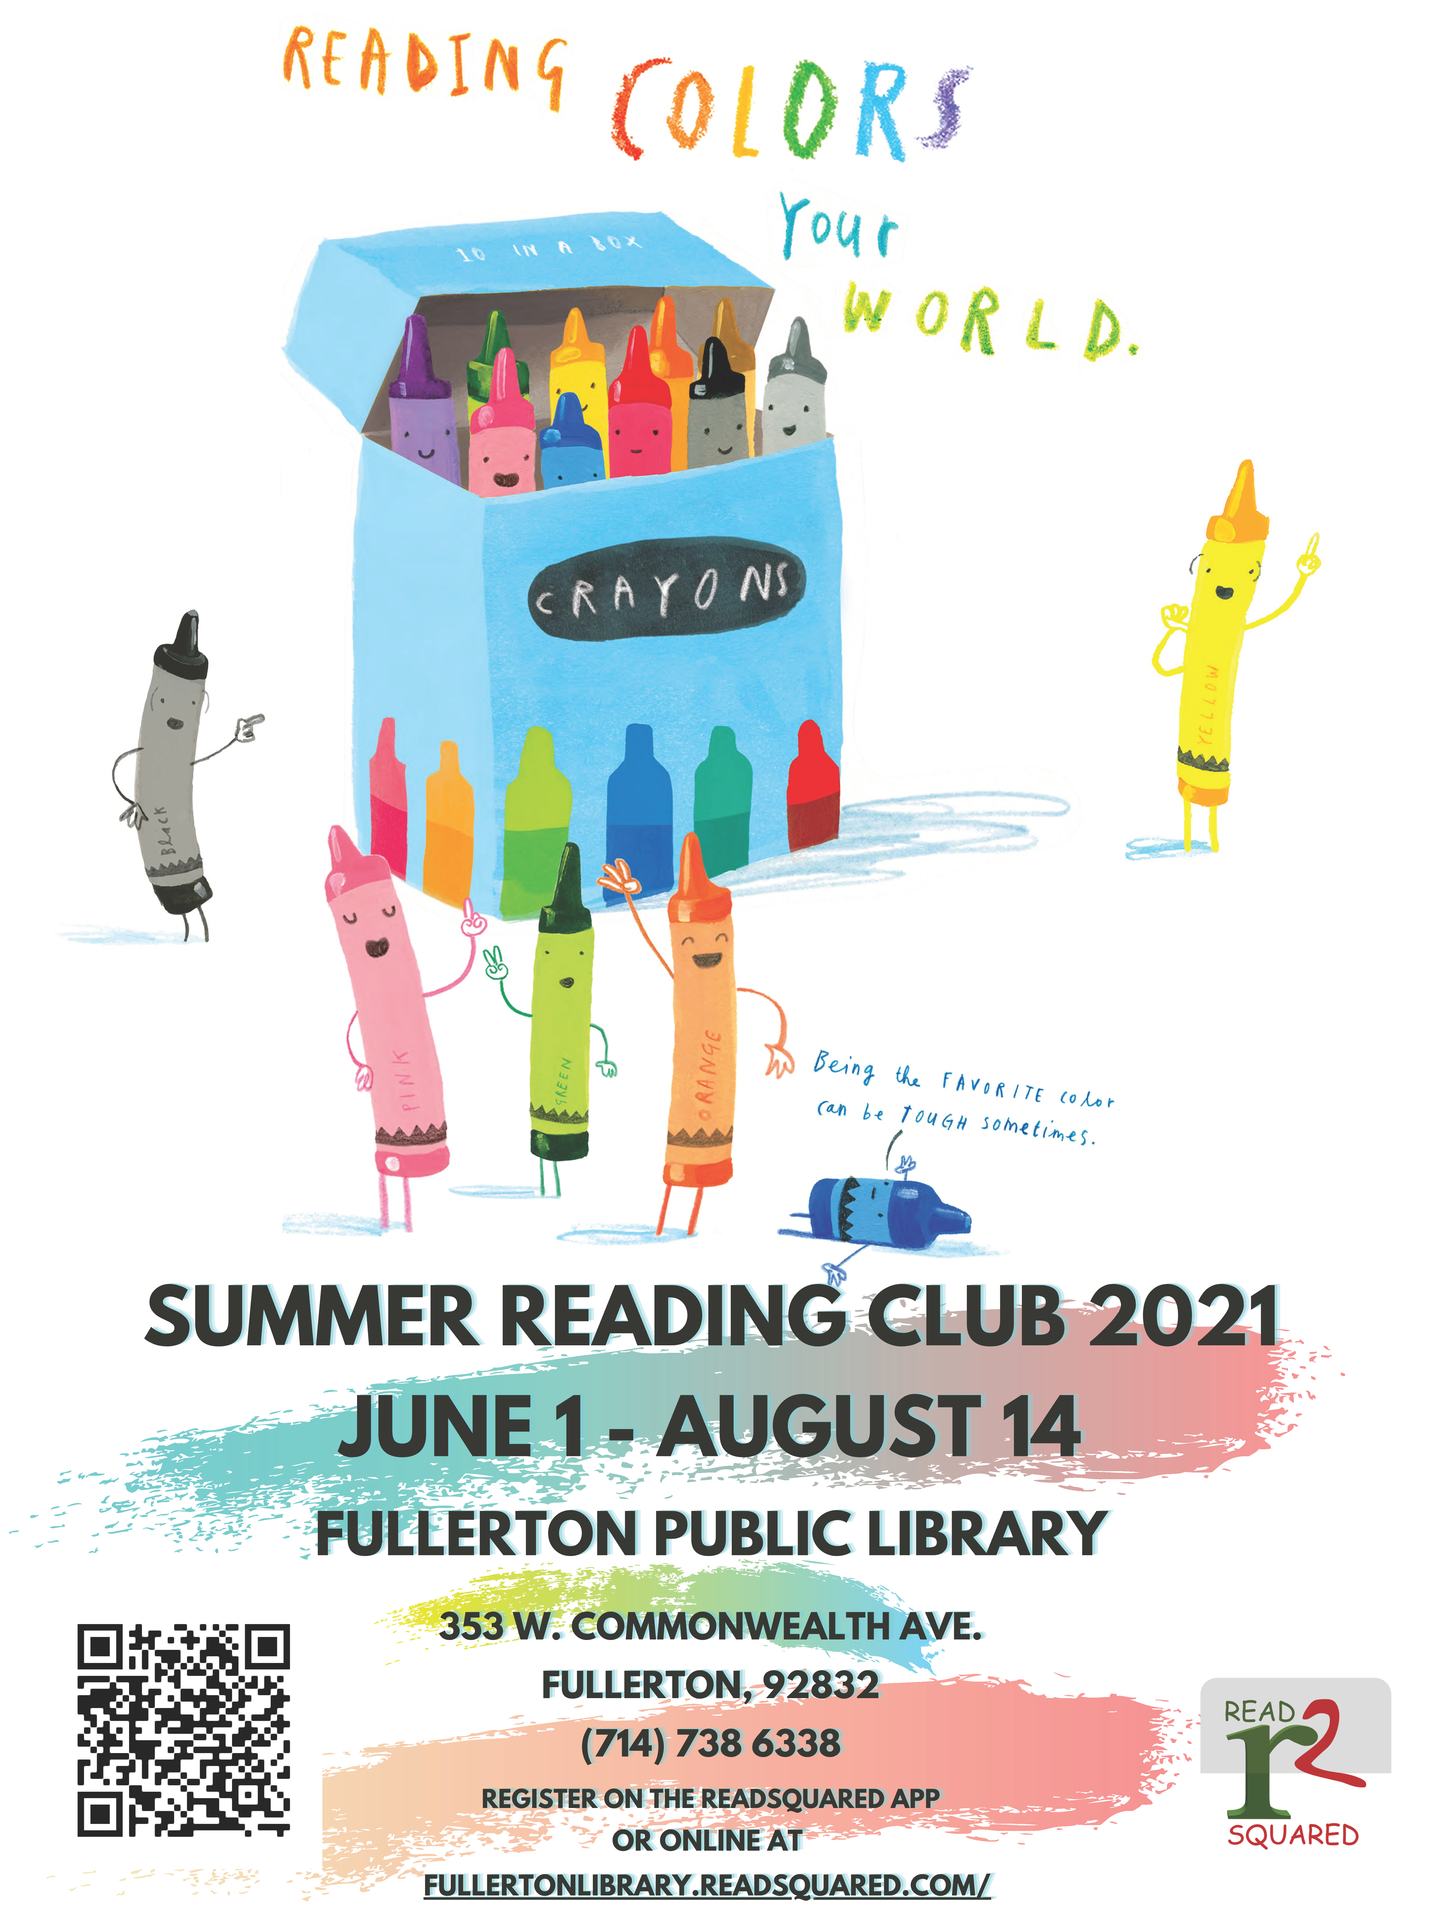 FPL Summer Reading